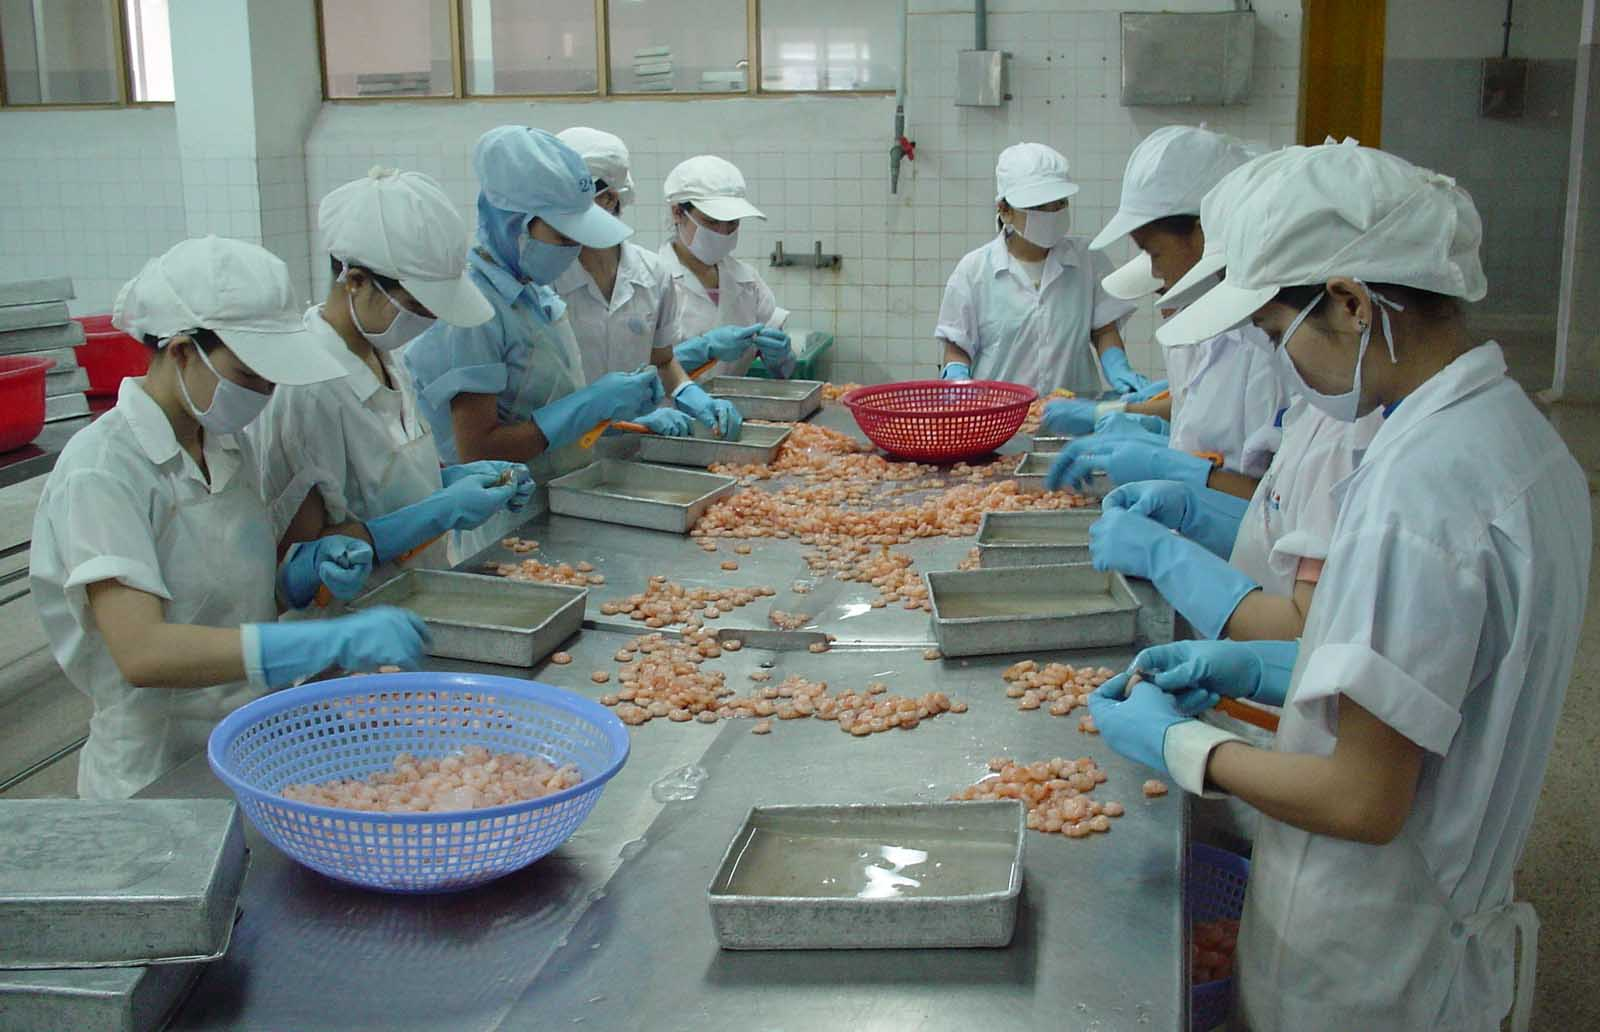 Công ty cổ phần du học Thanh Giang thông báo tuyển sinh tháng 8 năm 2016 đơn hàng chế biến thực phẩm